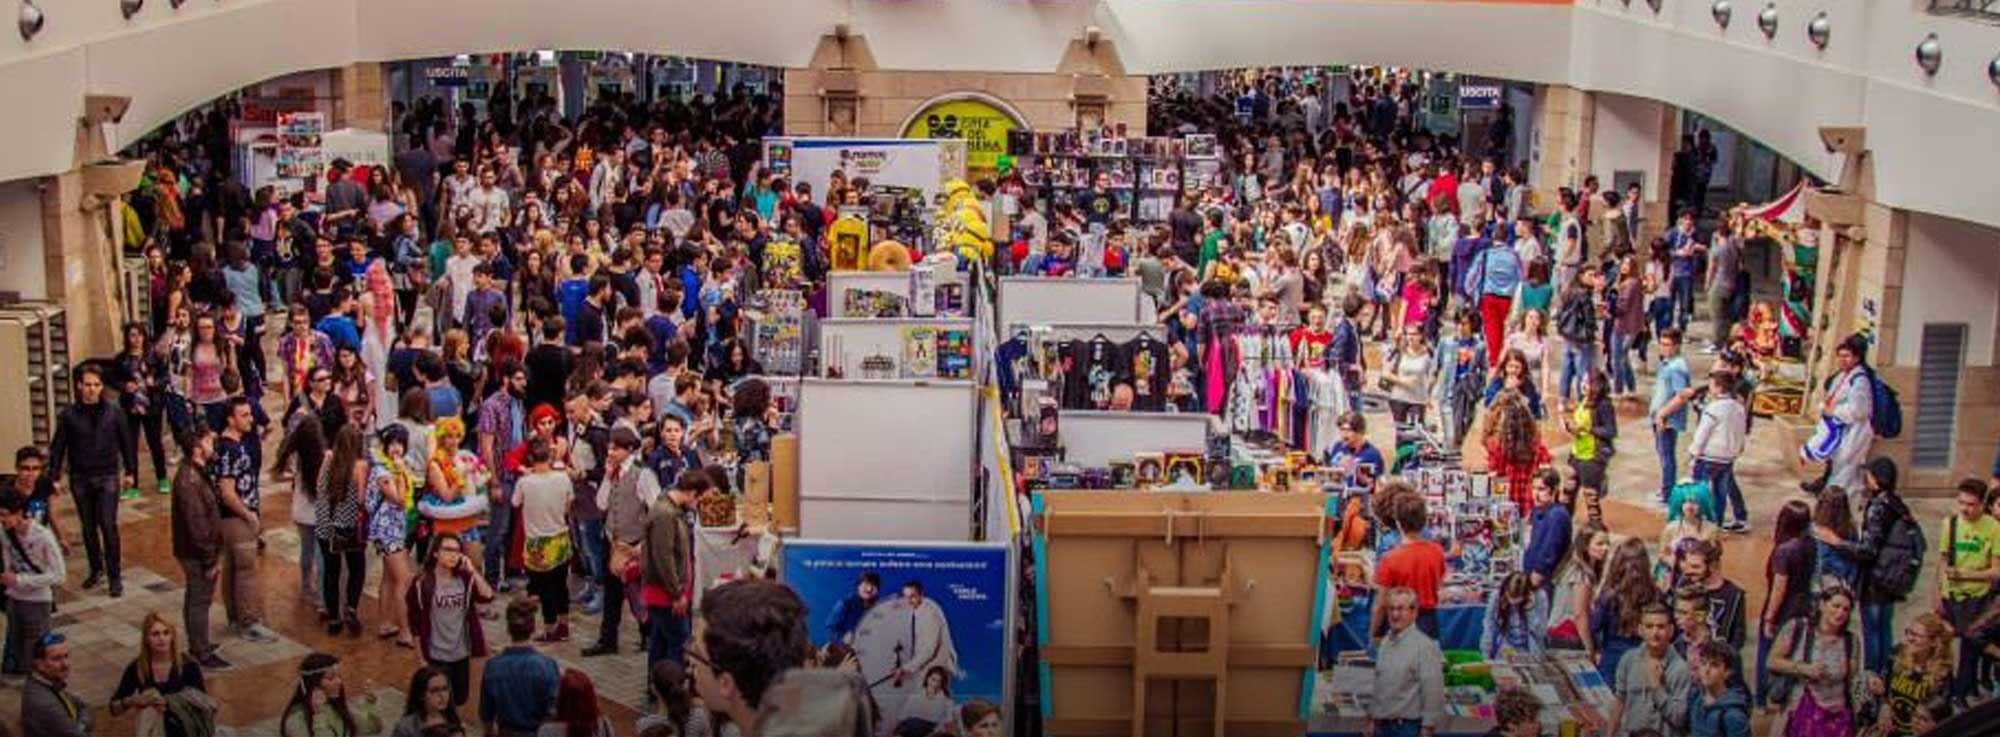 Foggia: Festival del Nerd